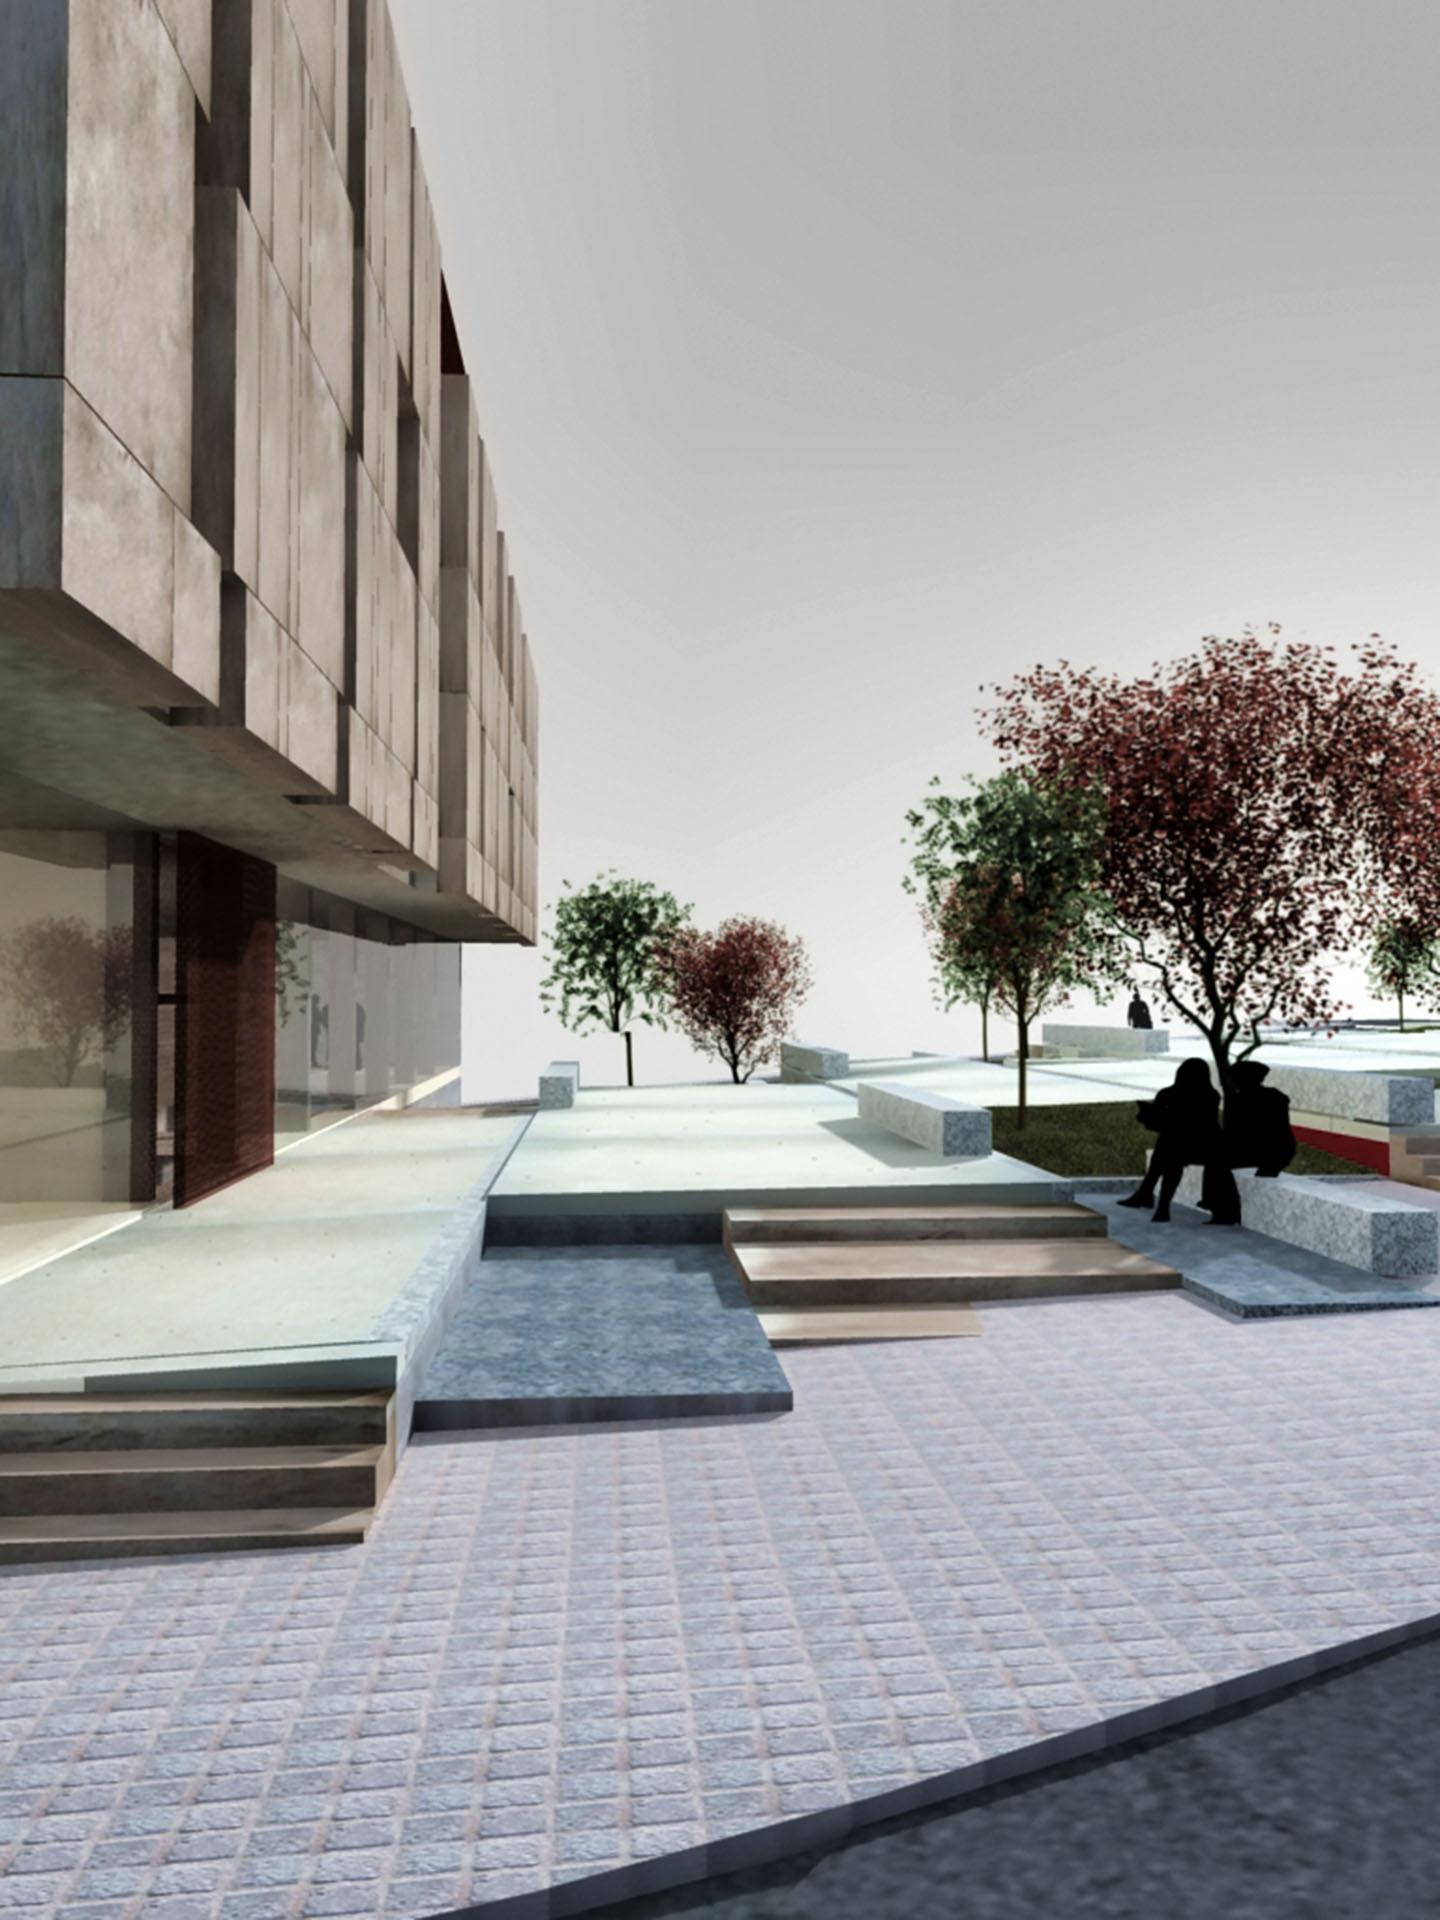 Sede del coag vigo intra arquitectos - Arquitectos vigo ...